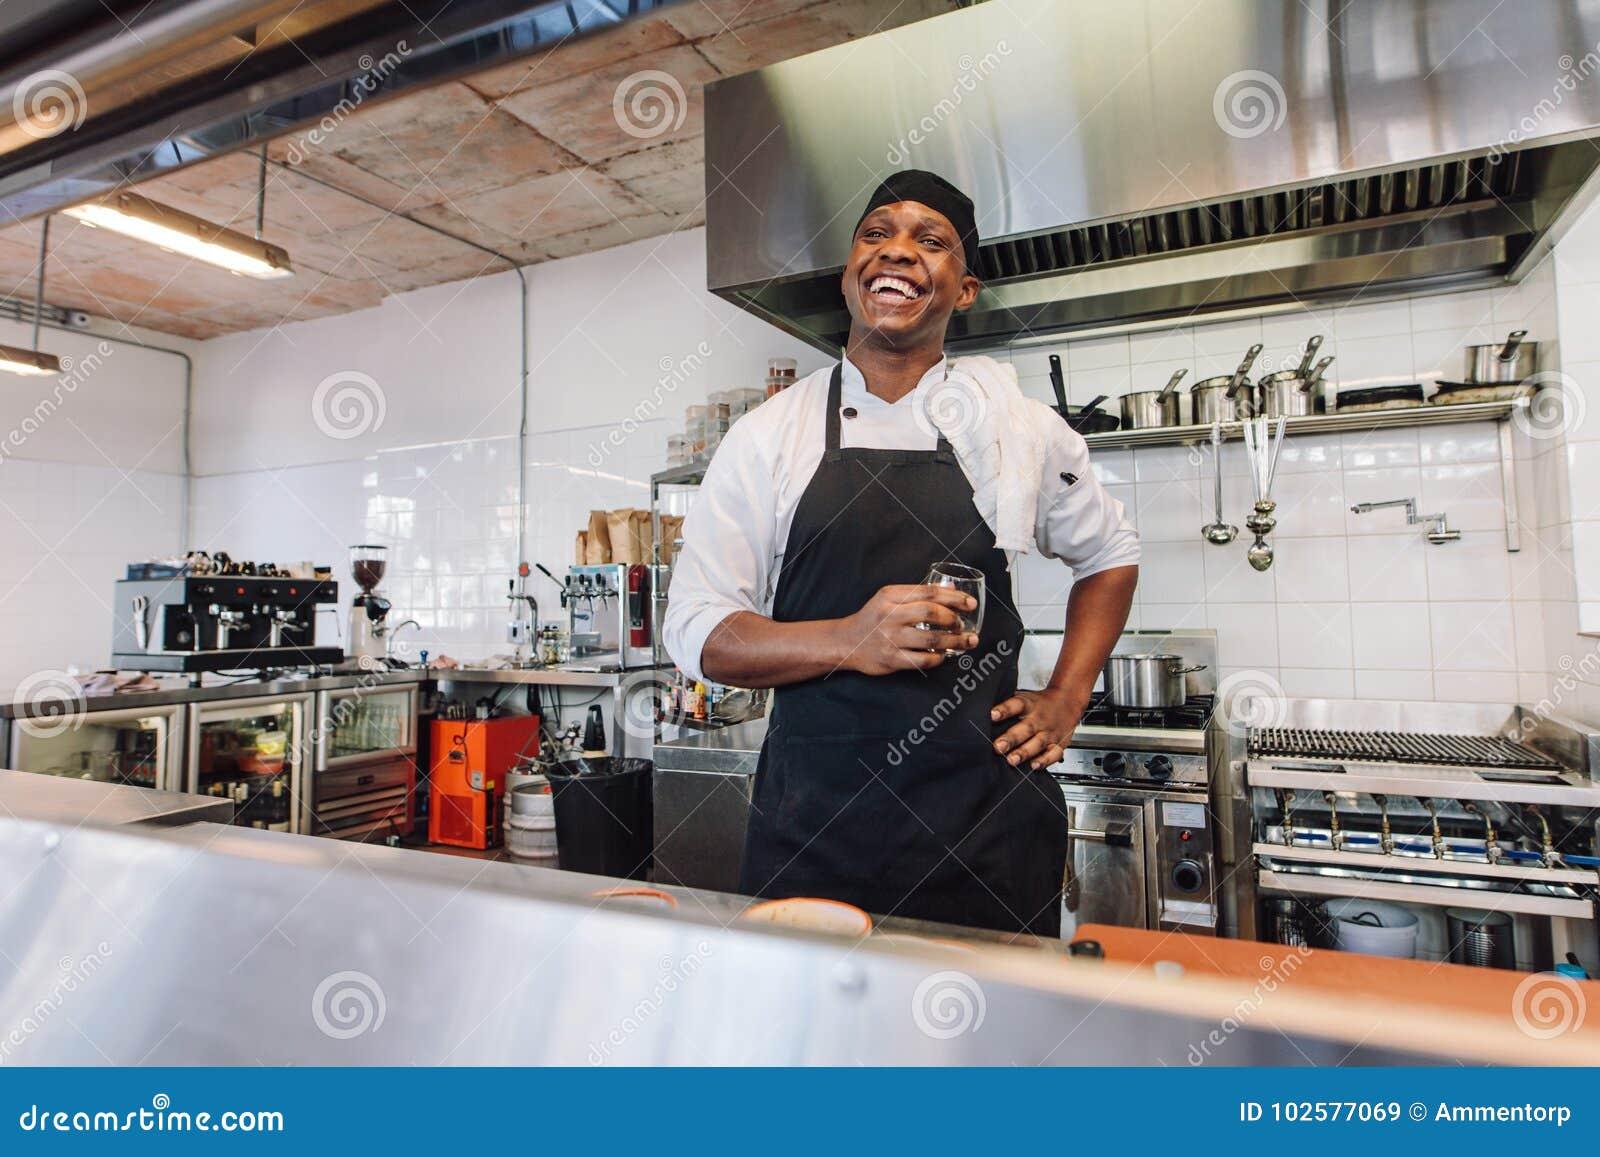 Cozinheiro chefe gourmet que toma uma ruptura